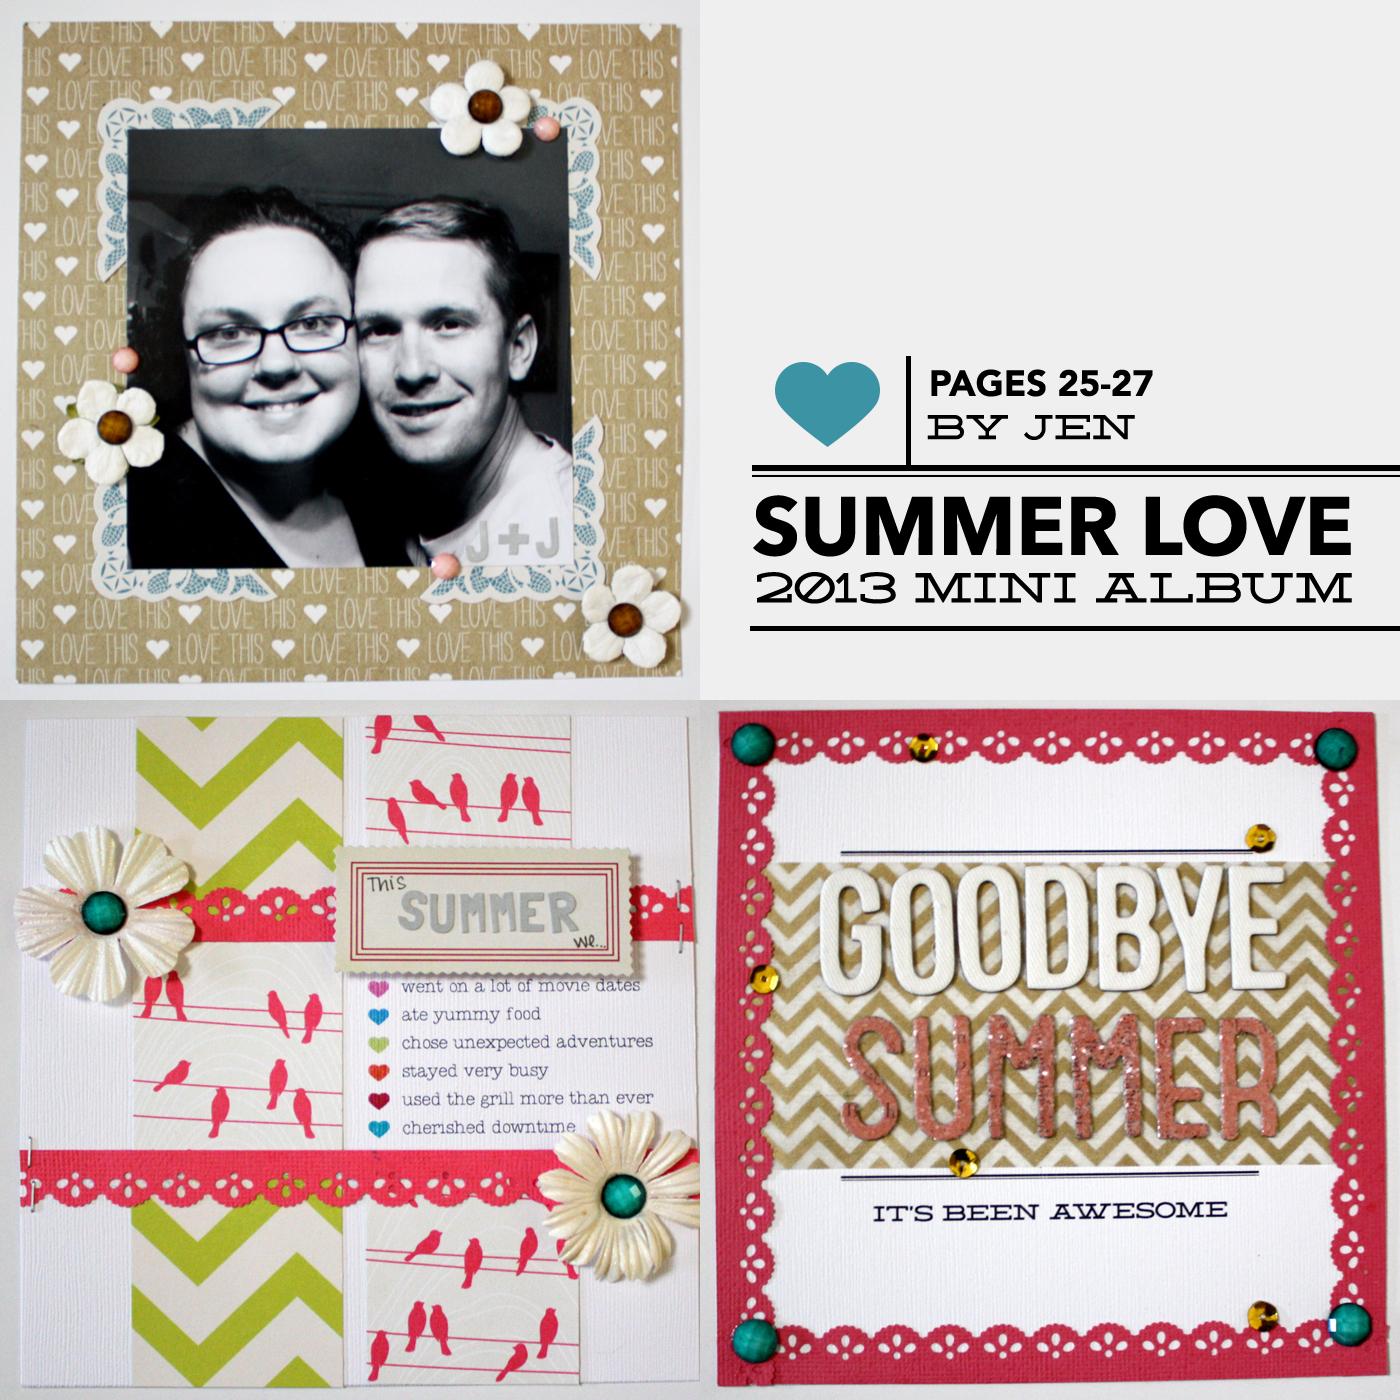 nettiodesigns_SummerLove-pg25-27-Jen